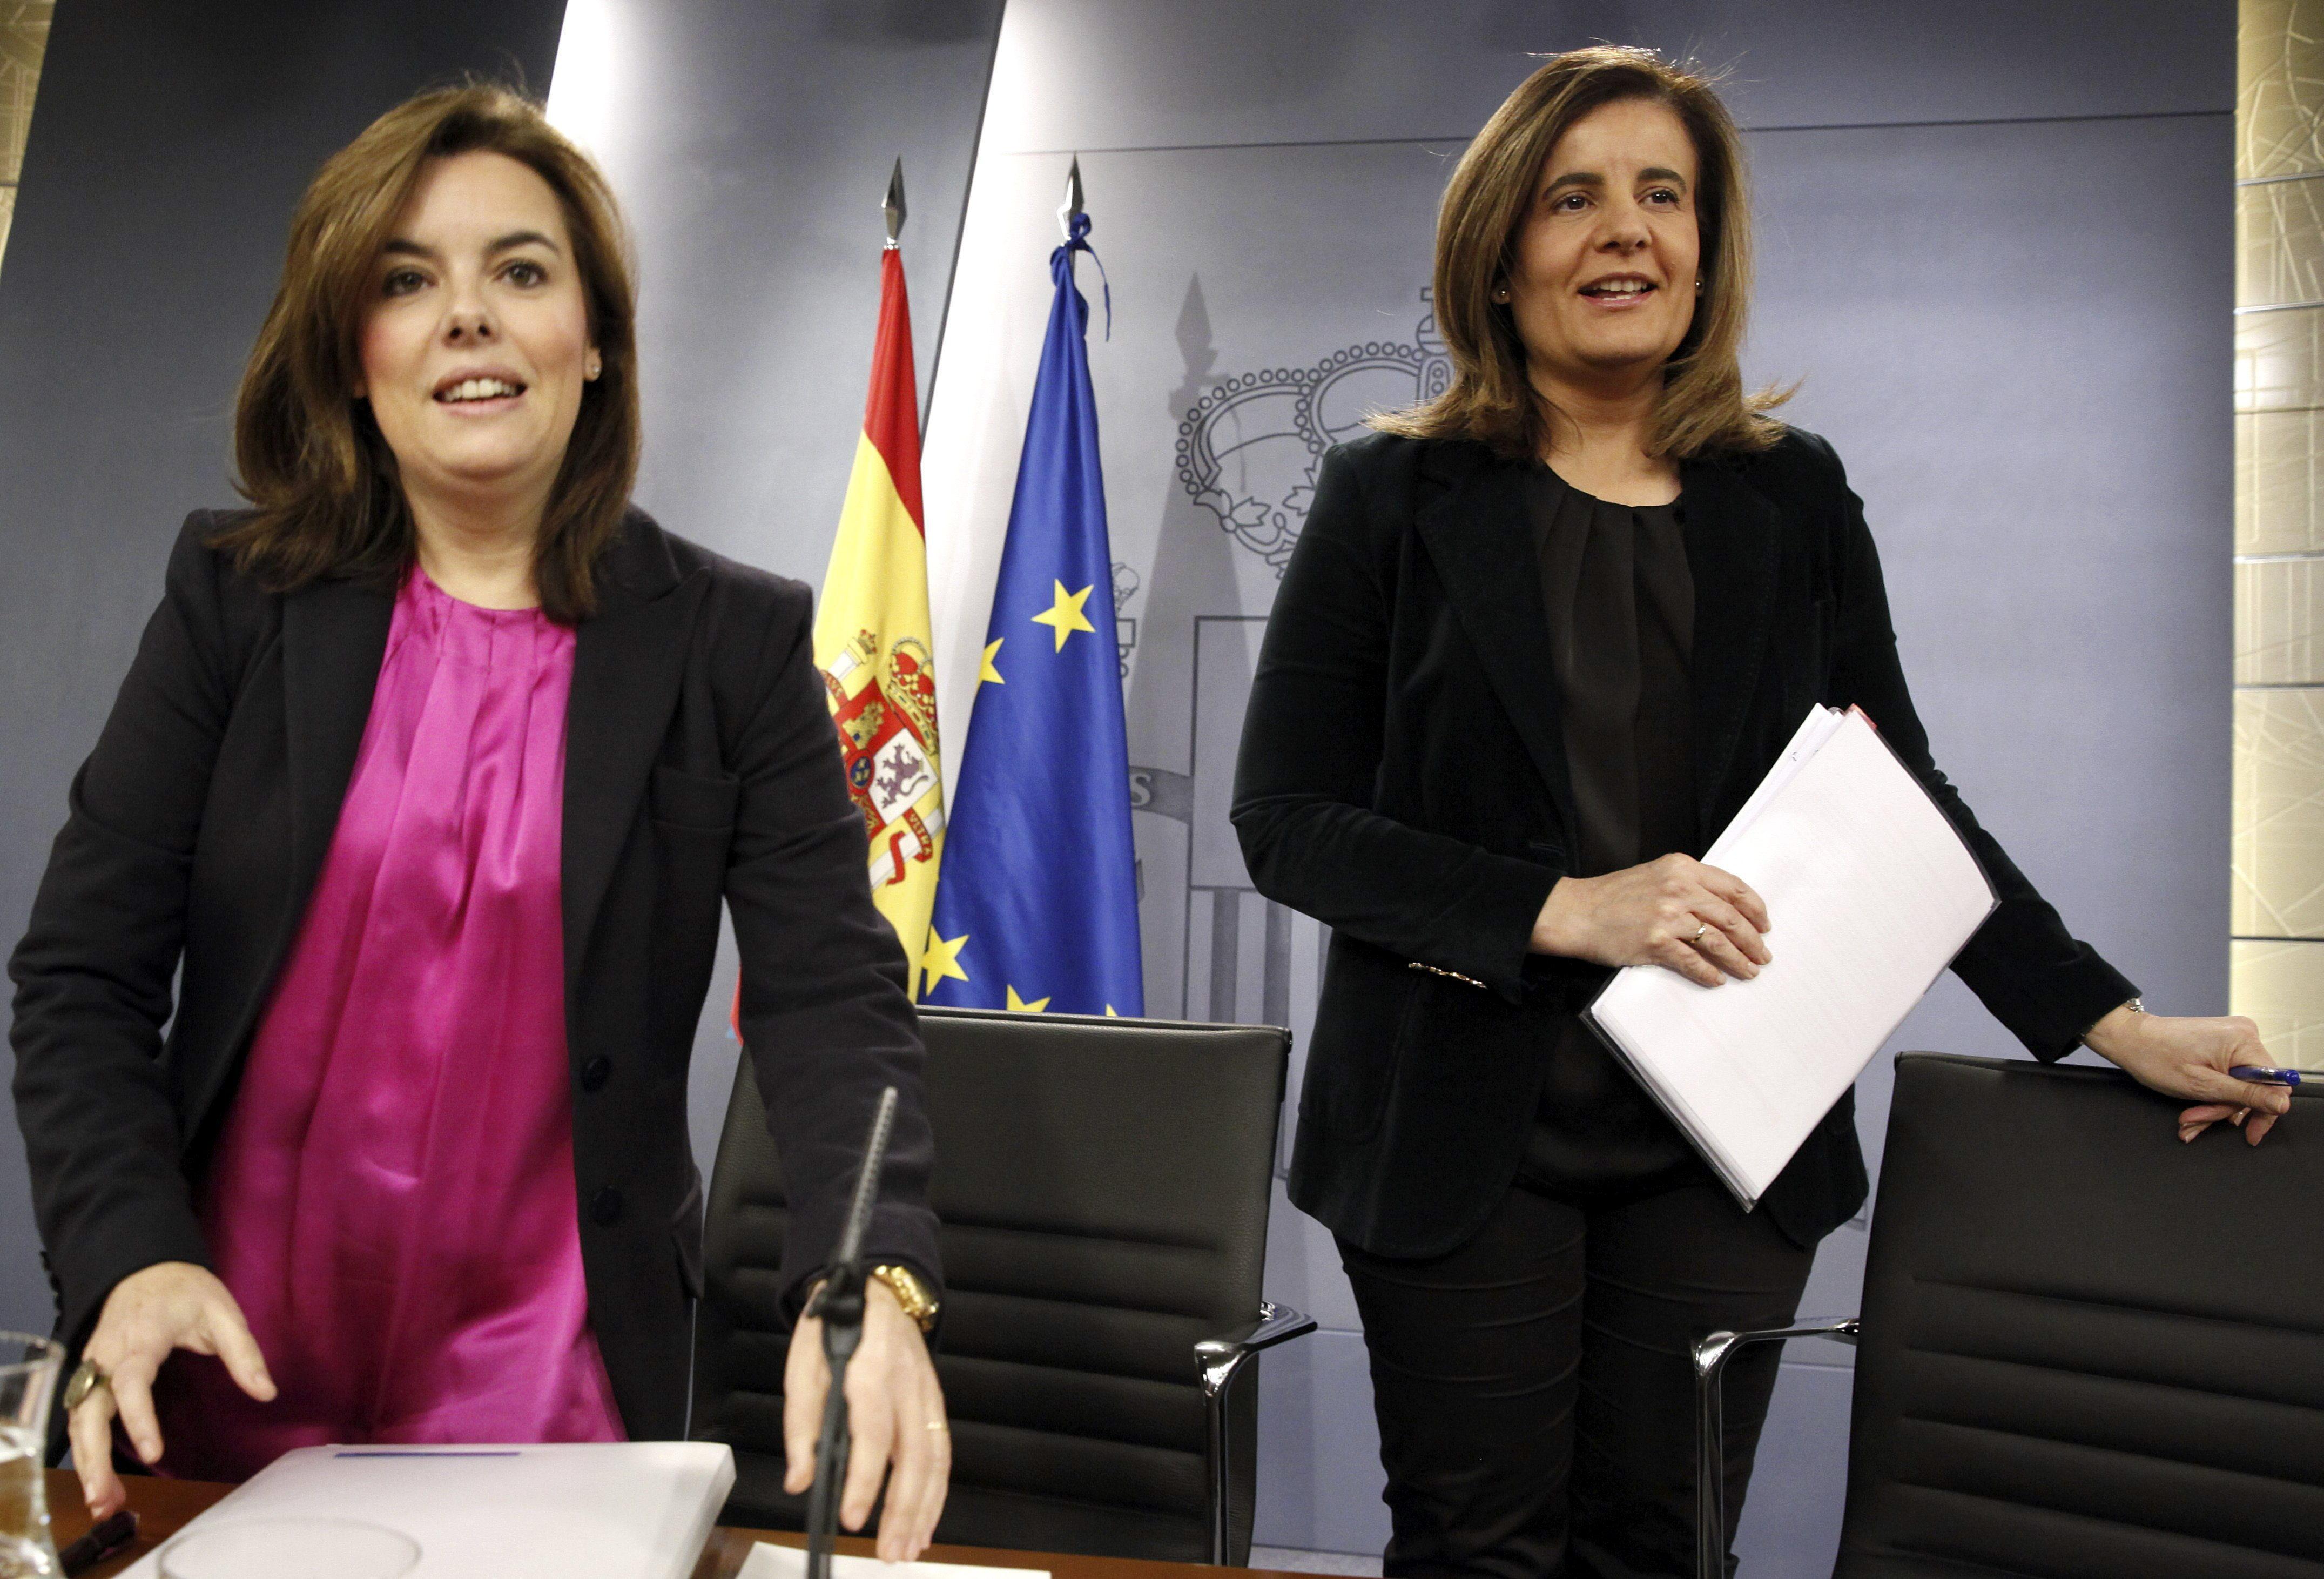 El salario mínimo interprofesional se congelará en 2014 y quedará en 645 euros